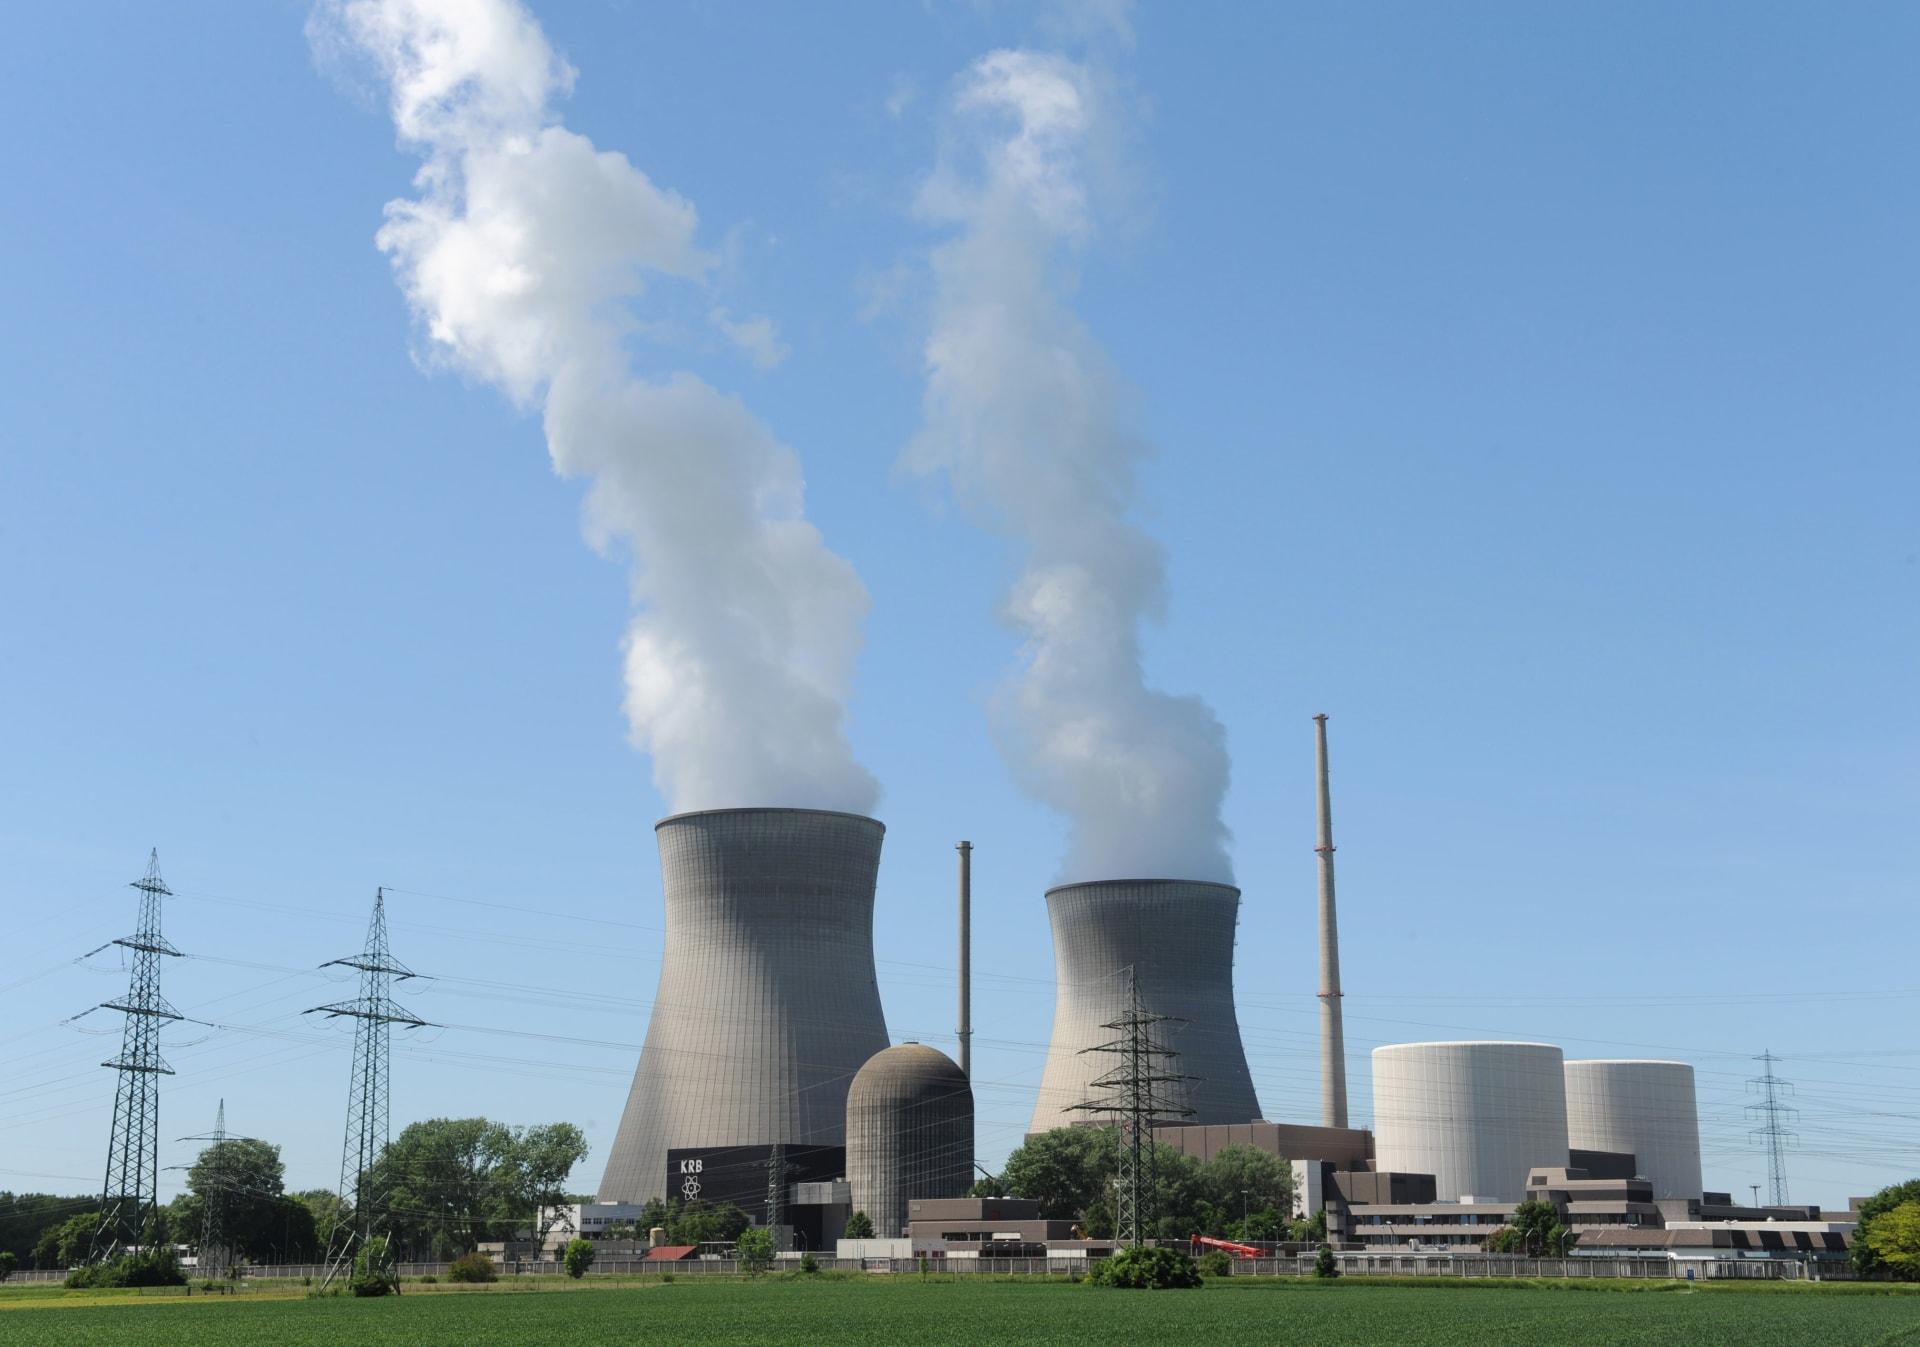 وسط تقلبات سوق النفط.. ما مدى استدامة وجدوى الطاقة النووية؟